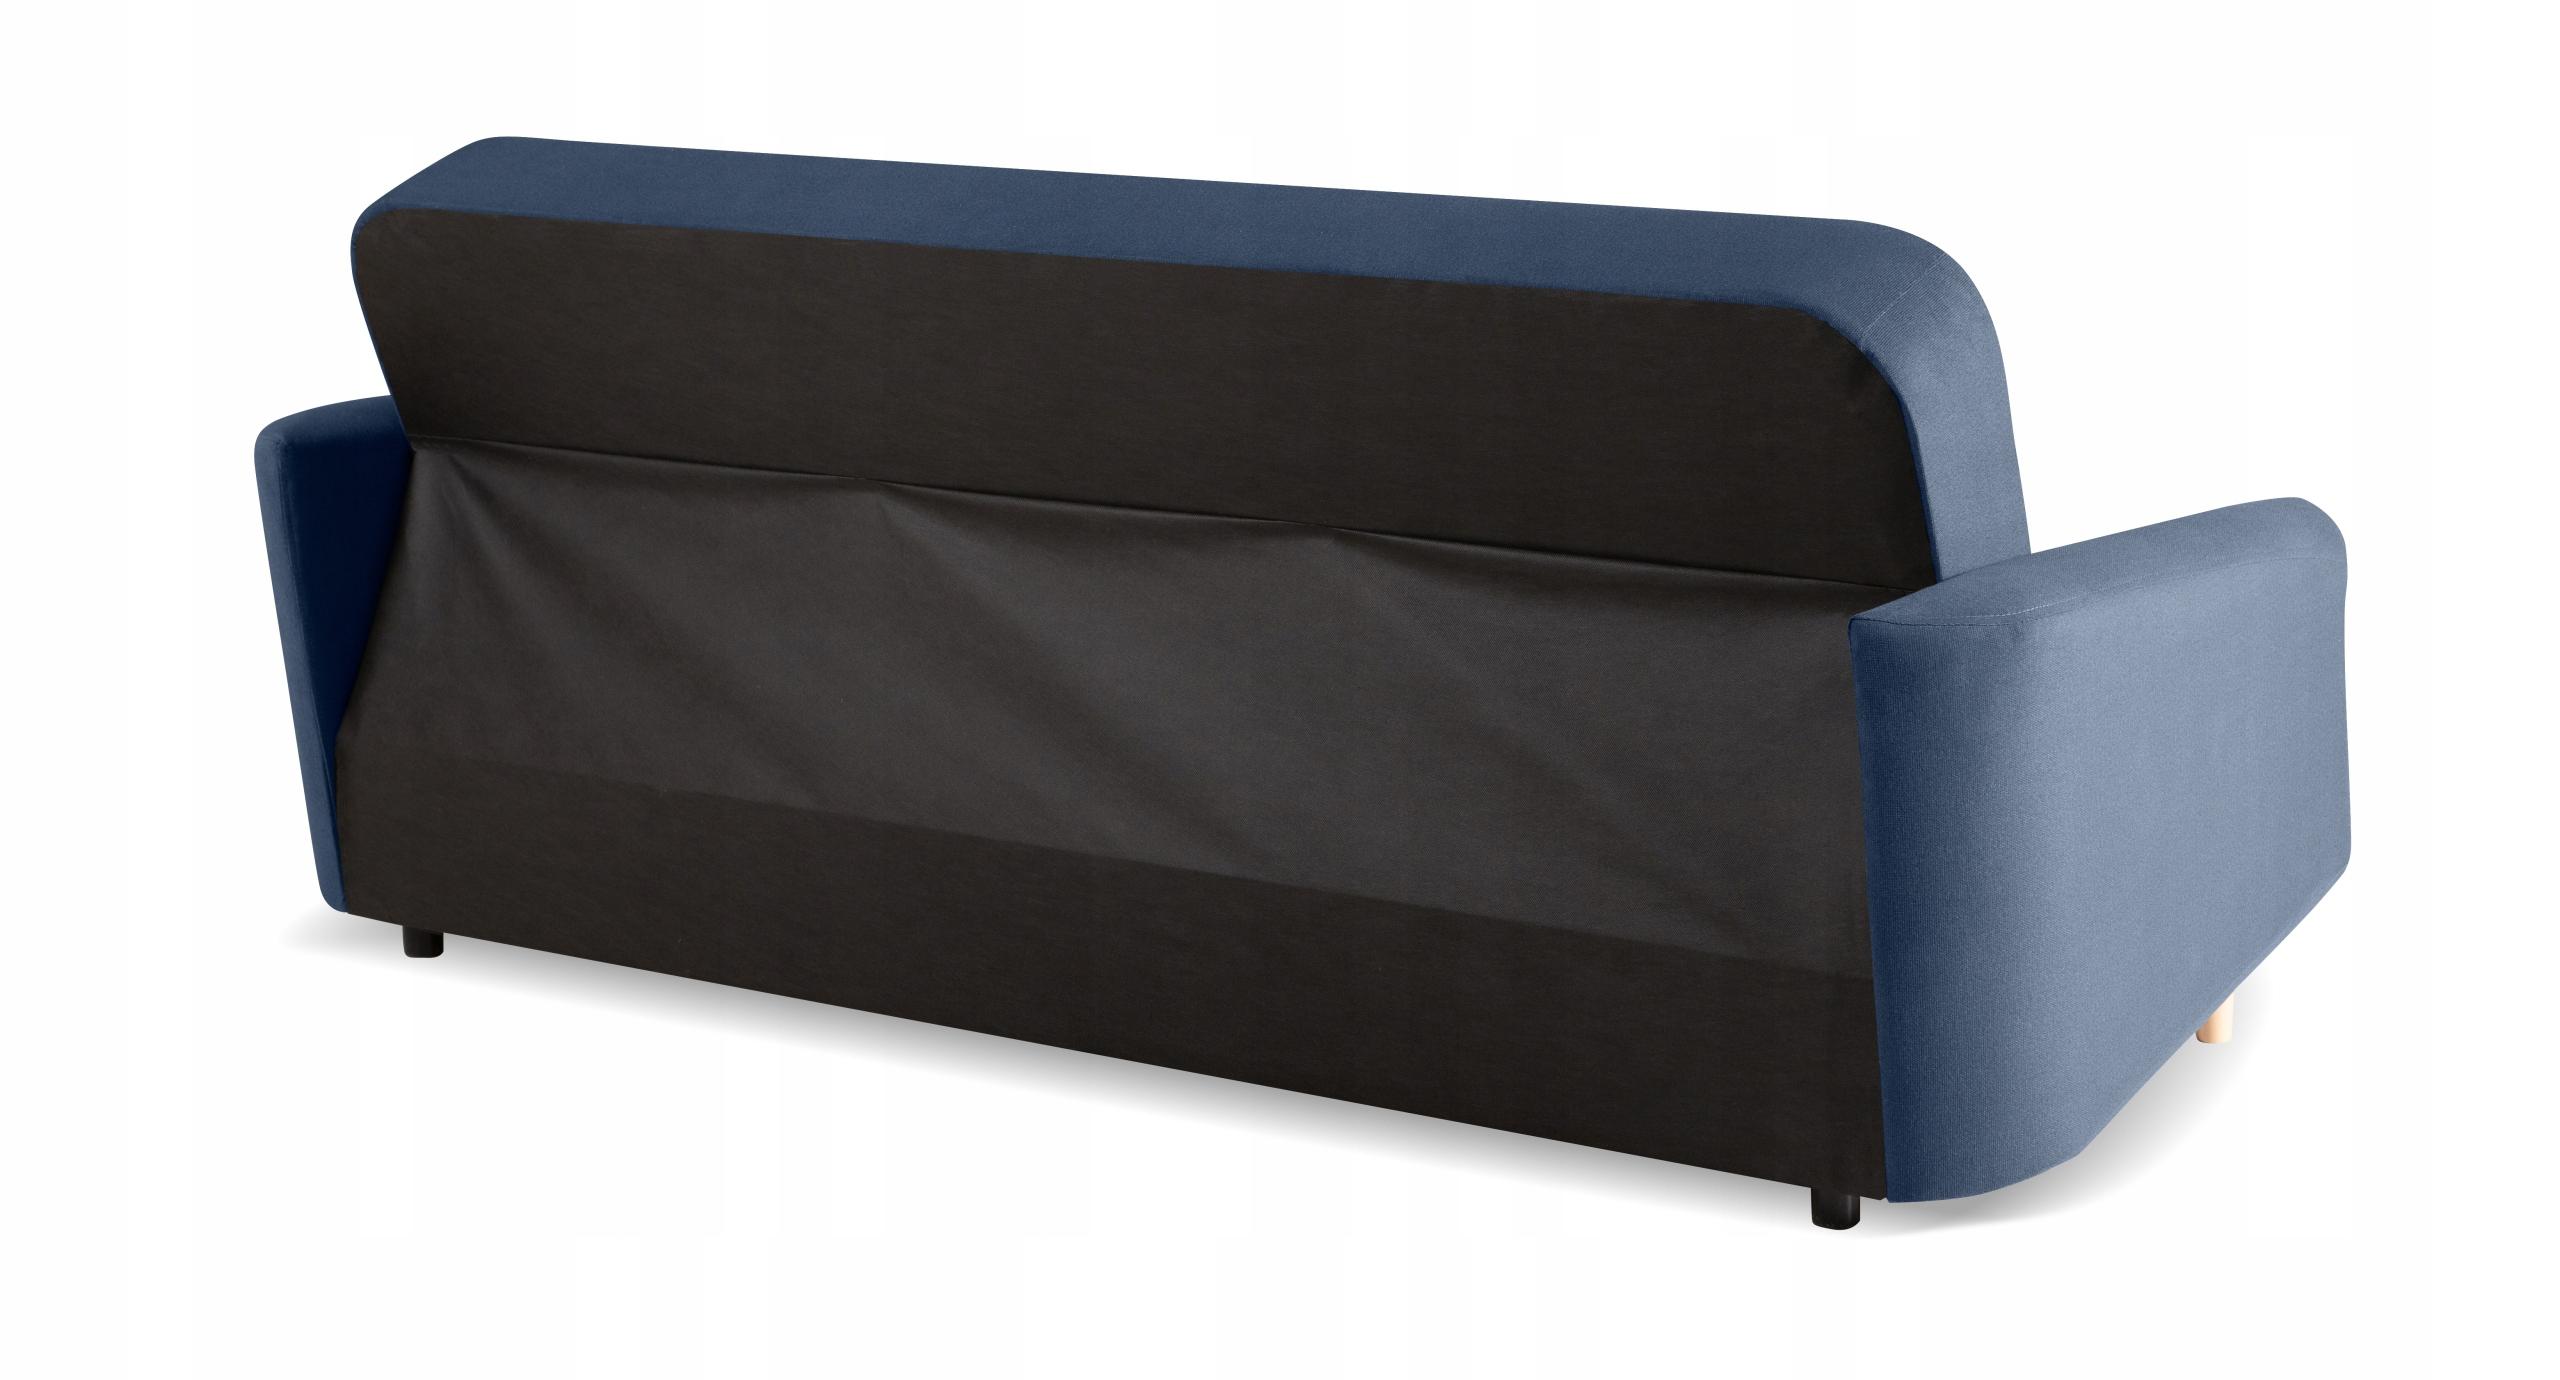 Bequemes Schlafsofa DIXI f. Schlaf - Farben - Holz Zusätzliche Informationen Schlaffunktion Armlehnen Bettwäschecontainer